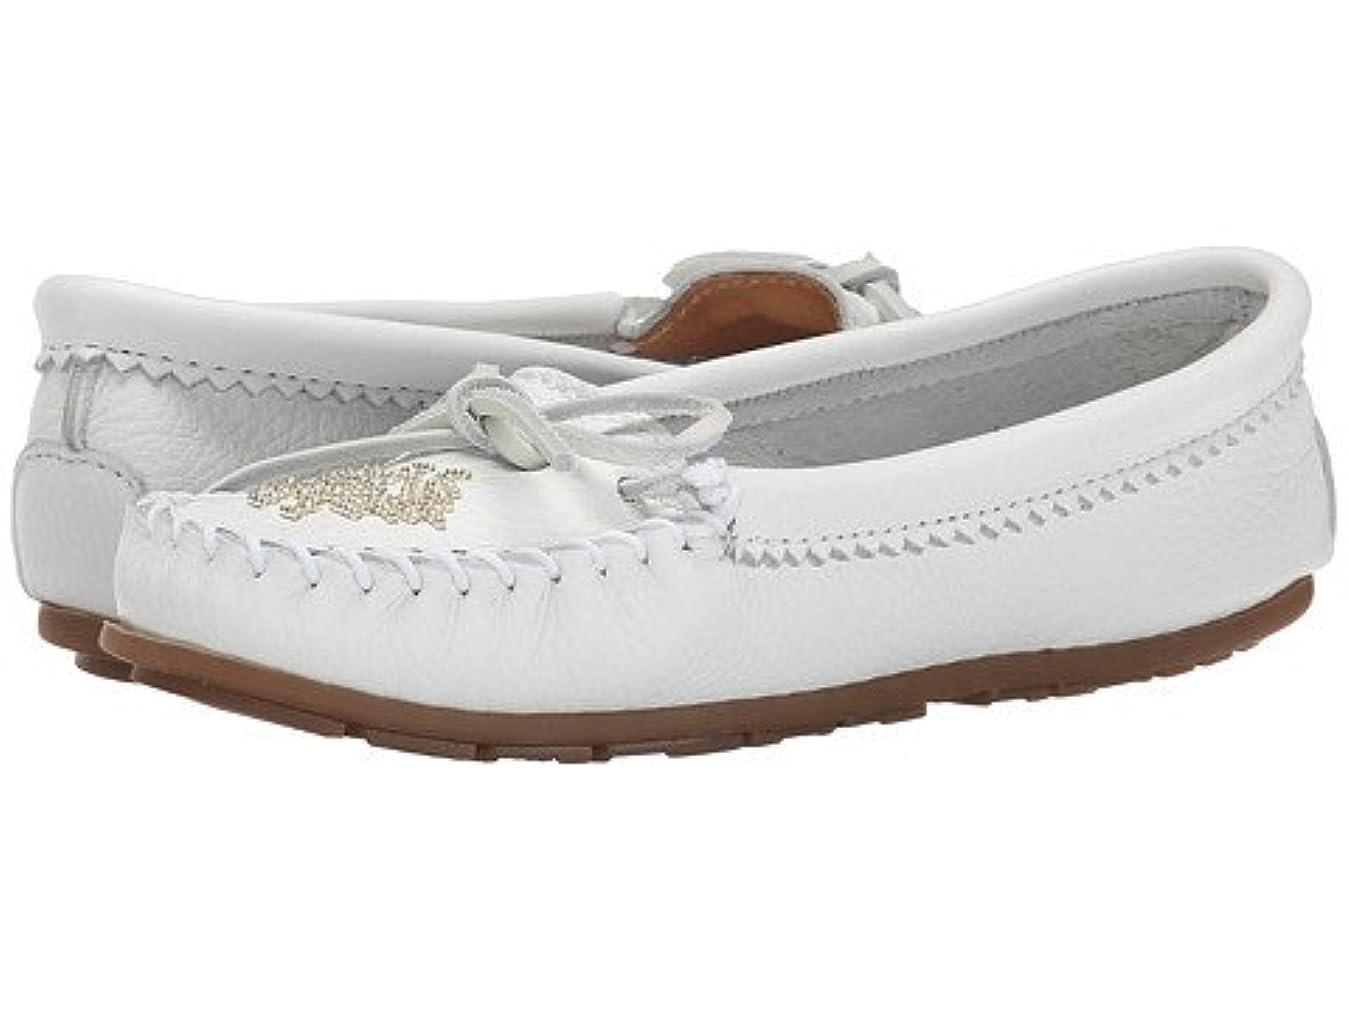 全滅させる一般的に否定する(ミネトンカ) MINNETONKA レディースローファー?スリッポン?靴 Deerskin Beaded Moc White Deerskin 7.5 24.5cm M [並行輸入品]